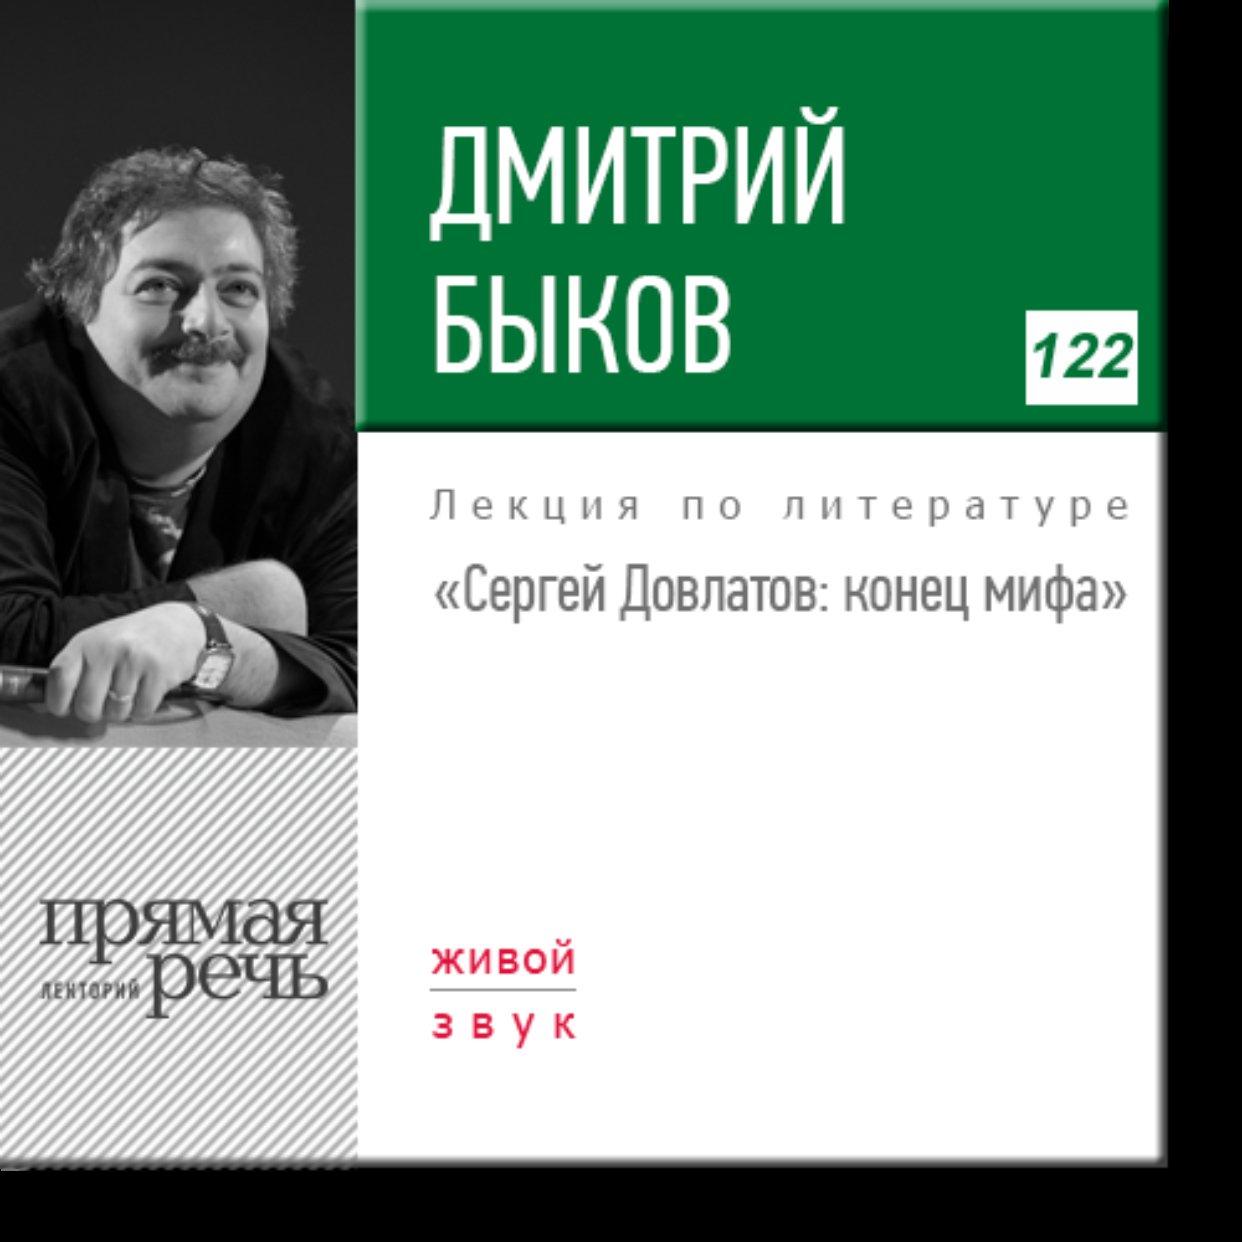 Сергей Довлатов: конец мифа